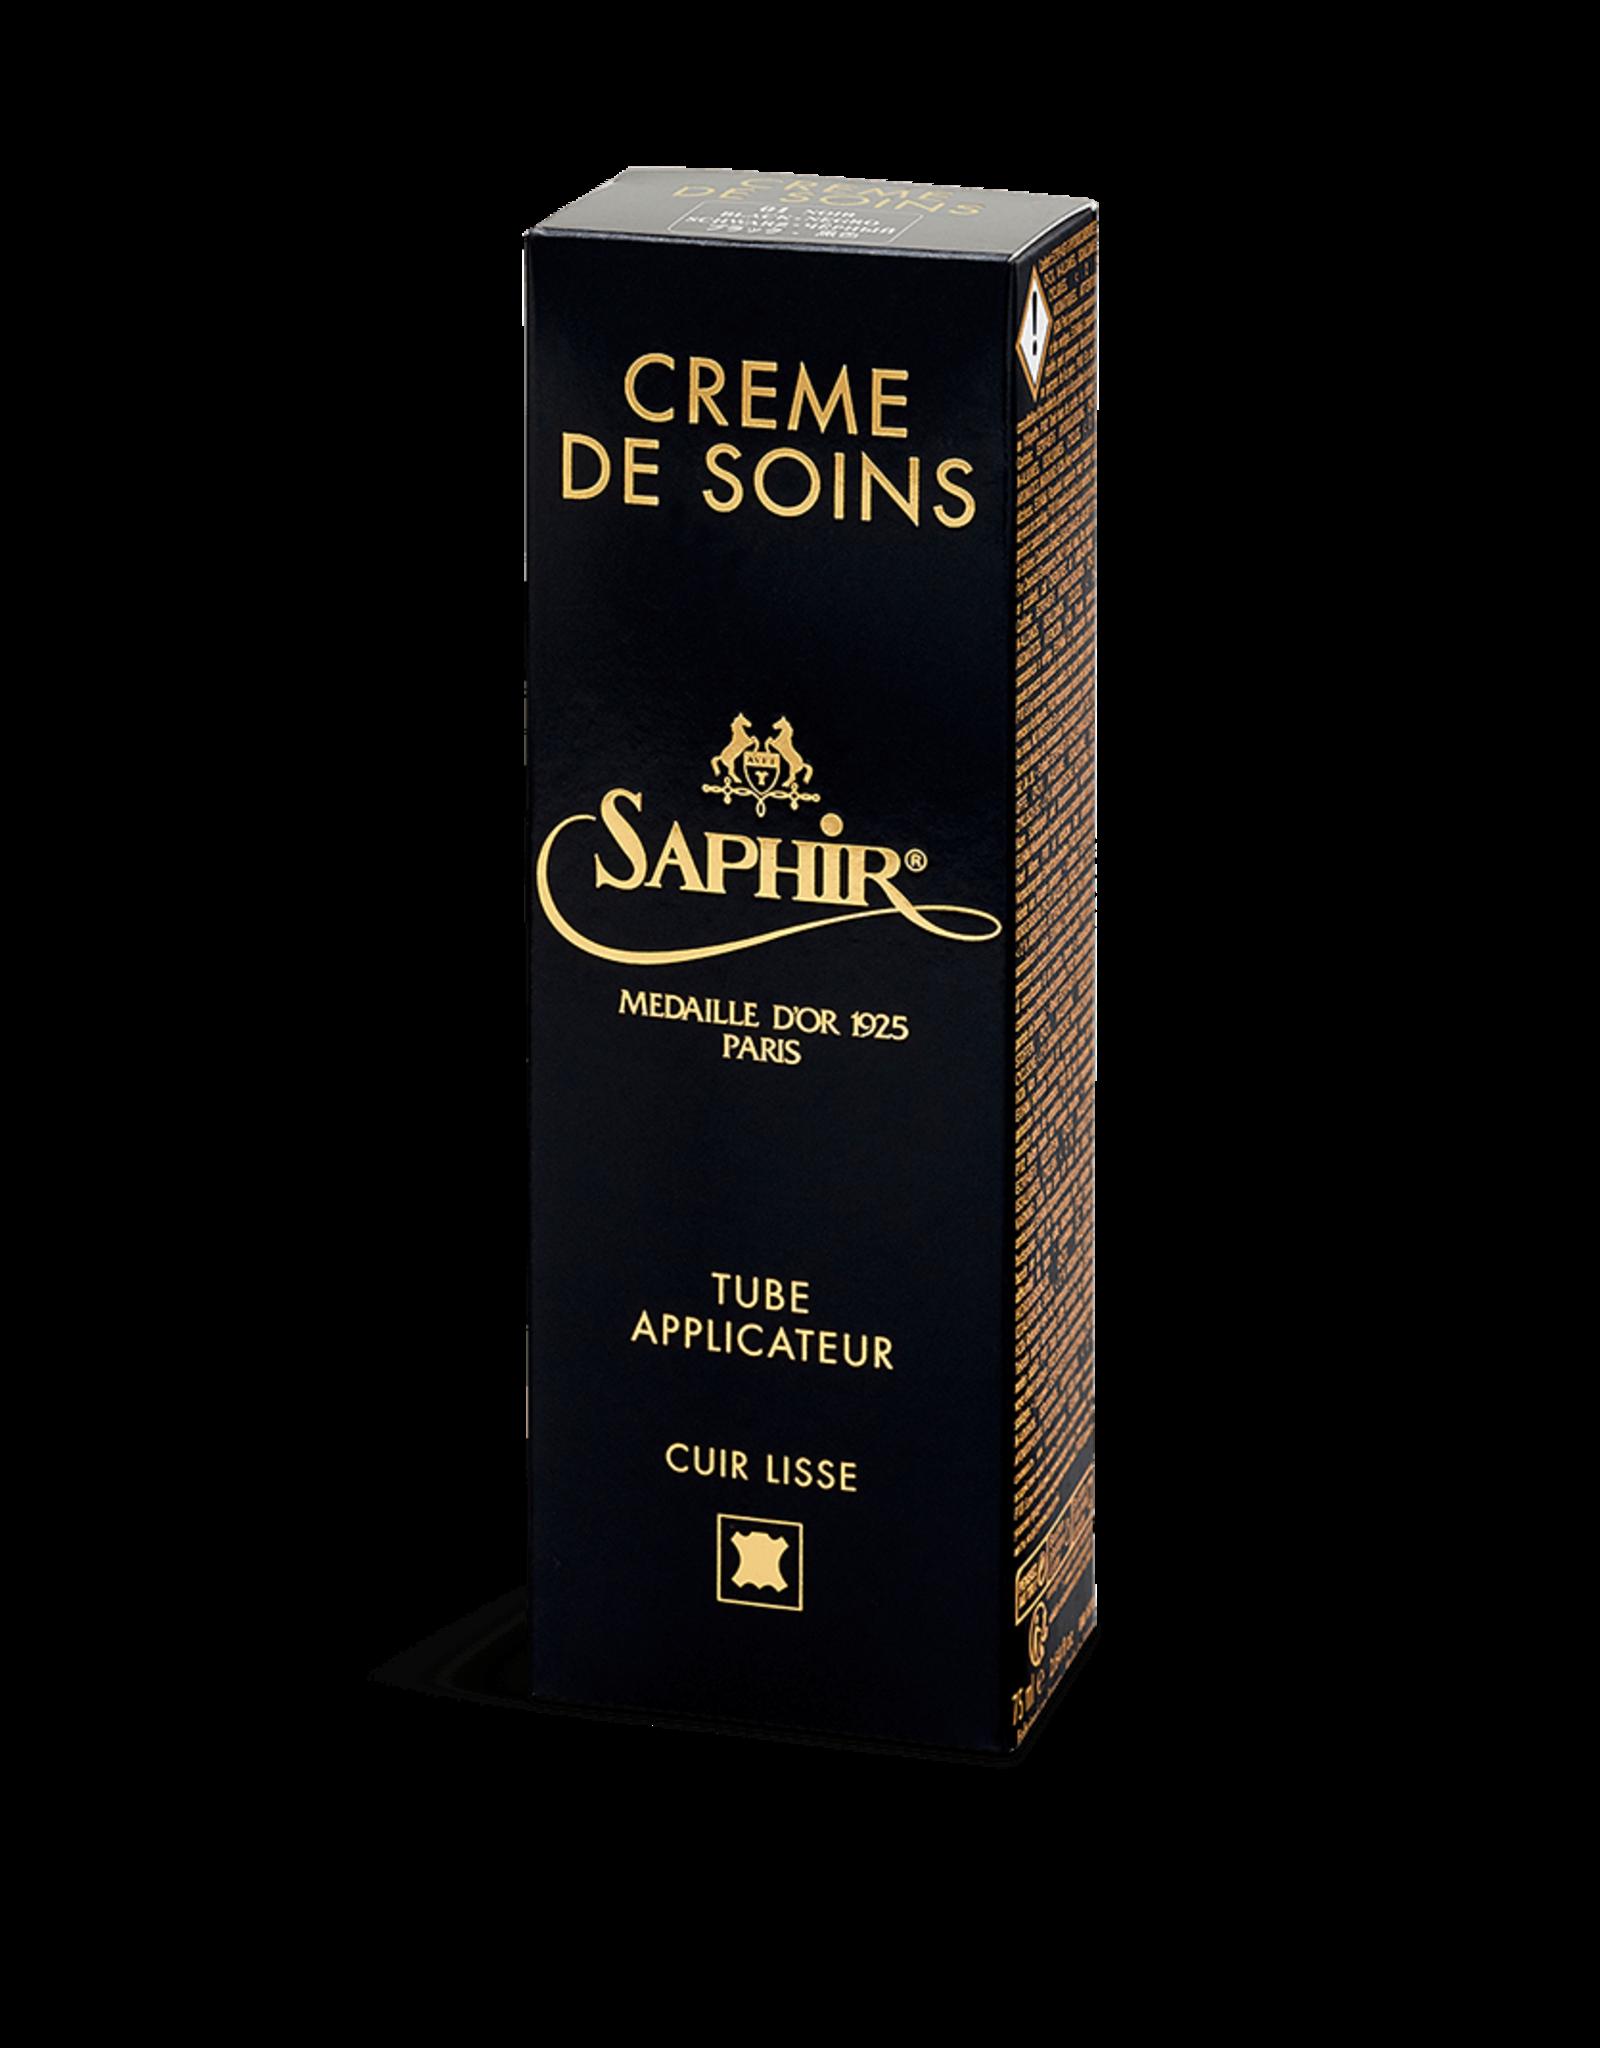 Crème de soin de Saphir - pour raviver la beauté du cuir lisse